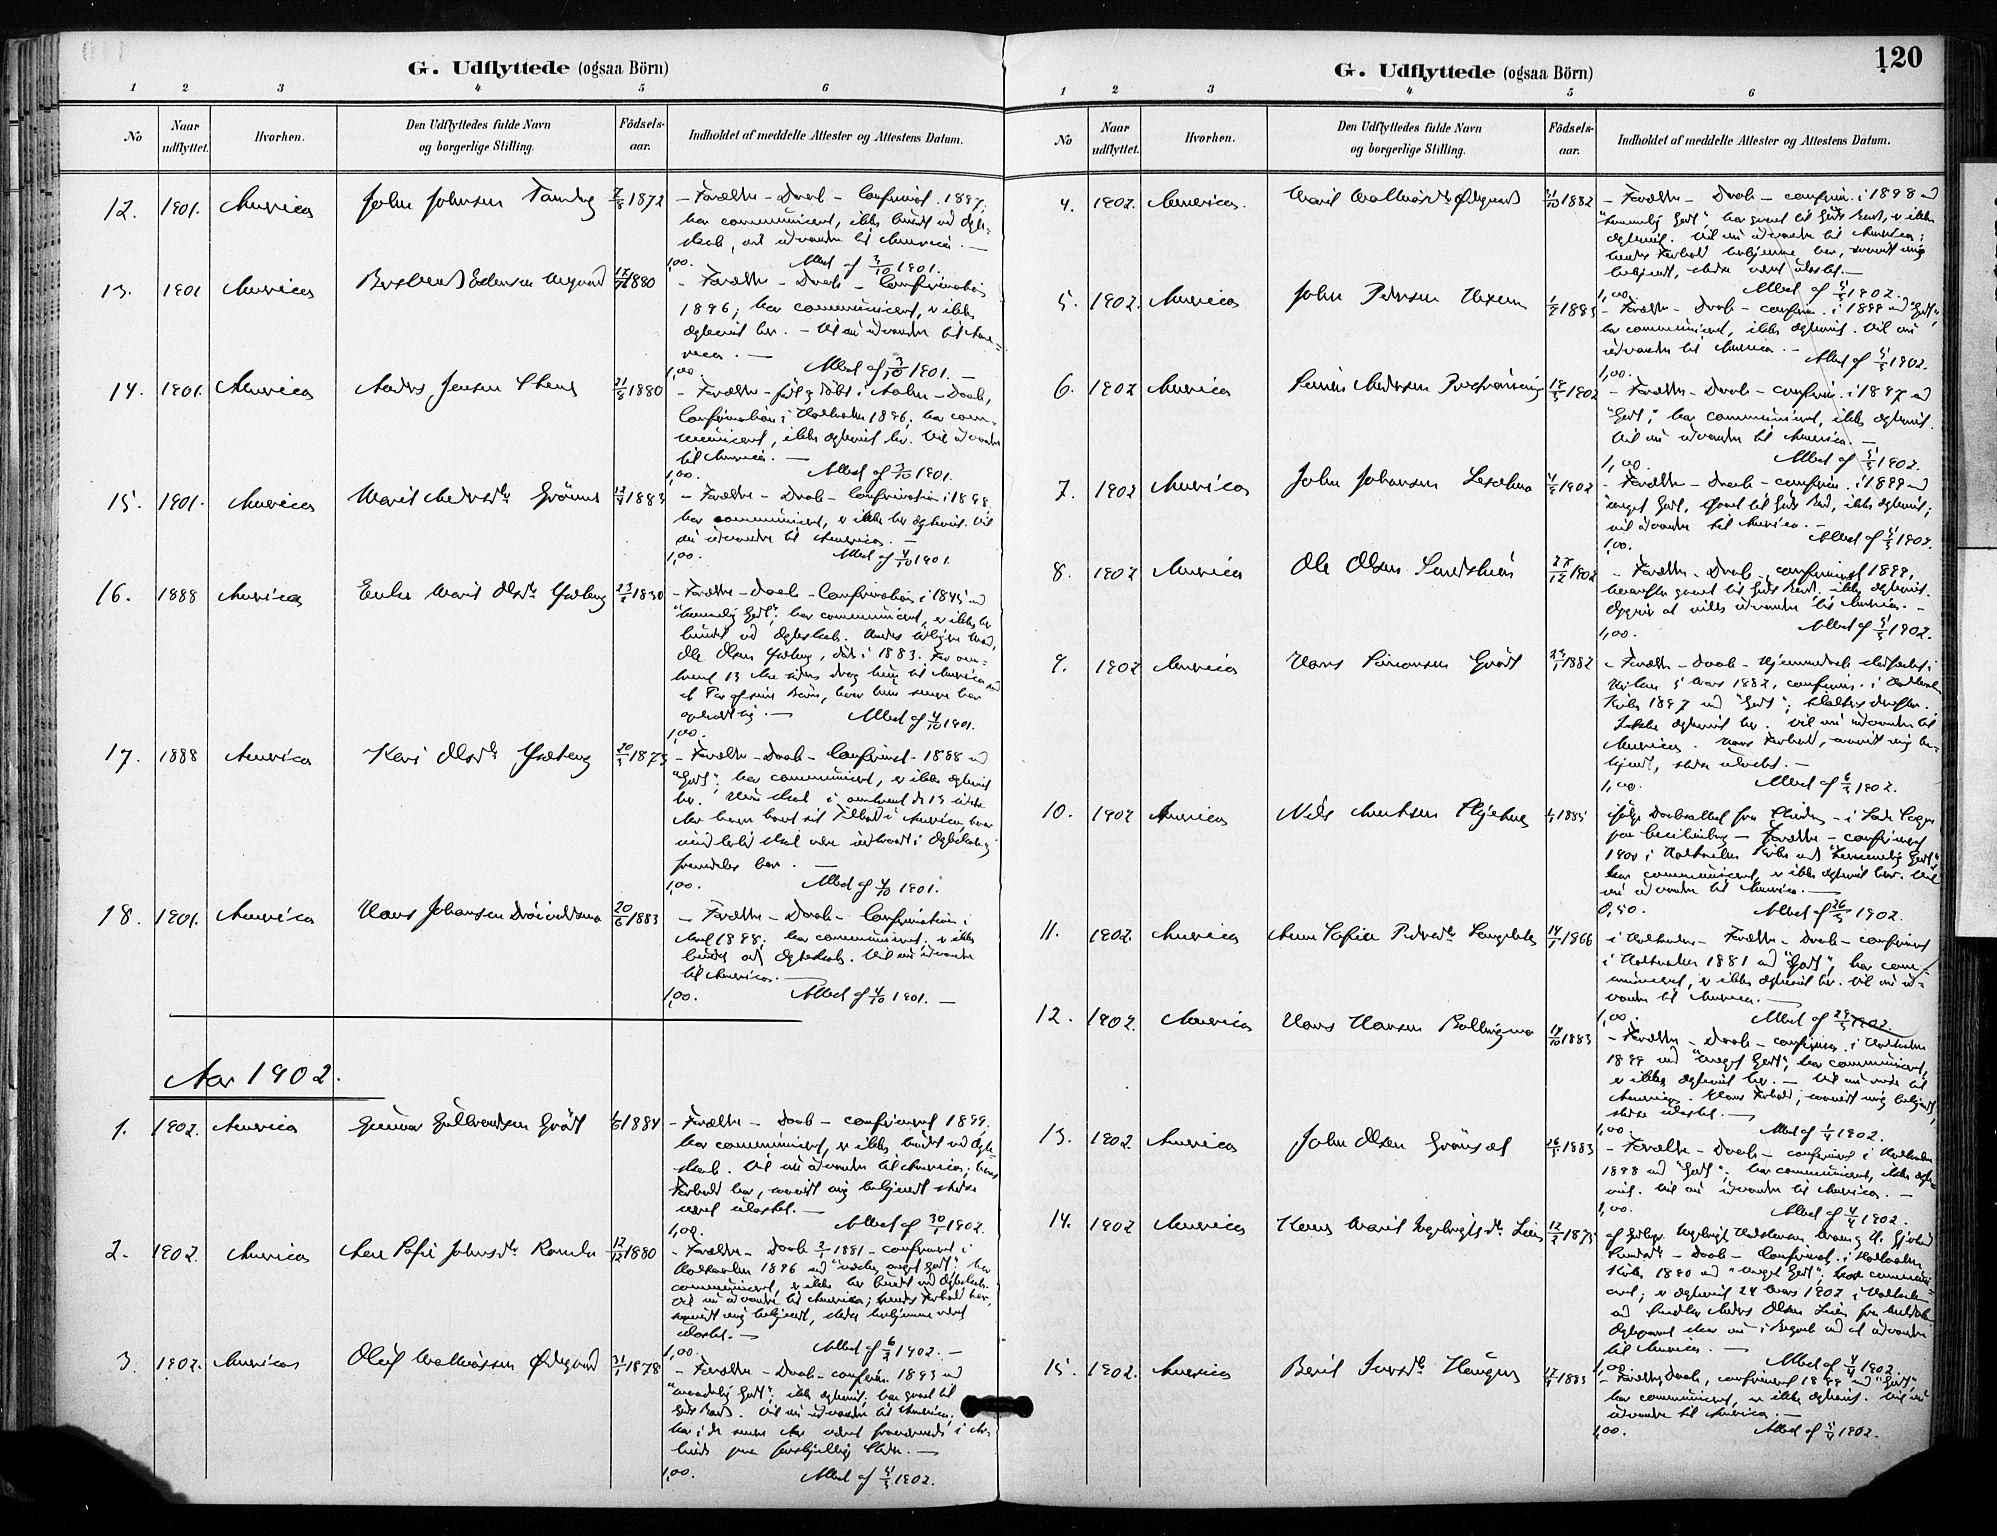 SAT, Ministerialprotokoller, klokkerbøker og fødselsregistre - Sør-Trøndelag, 685/L0973: Ministerialbok nr. 685A10, 1891-1907, s. 120